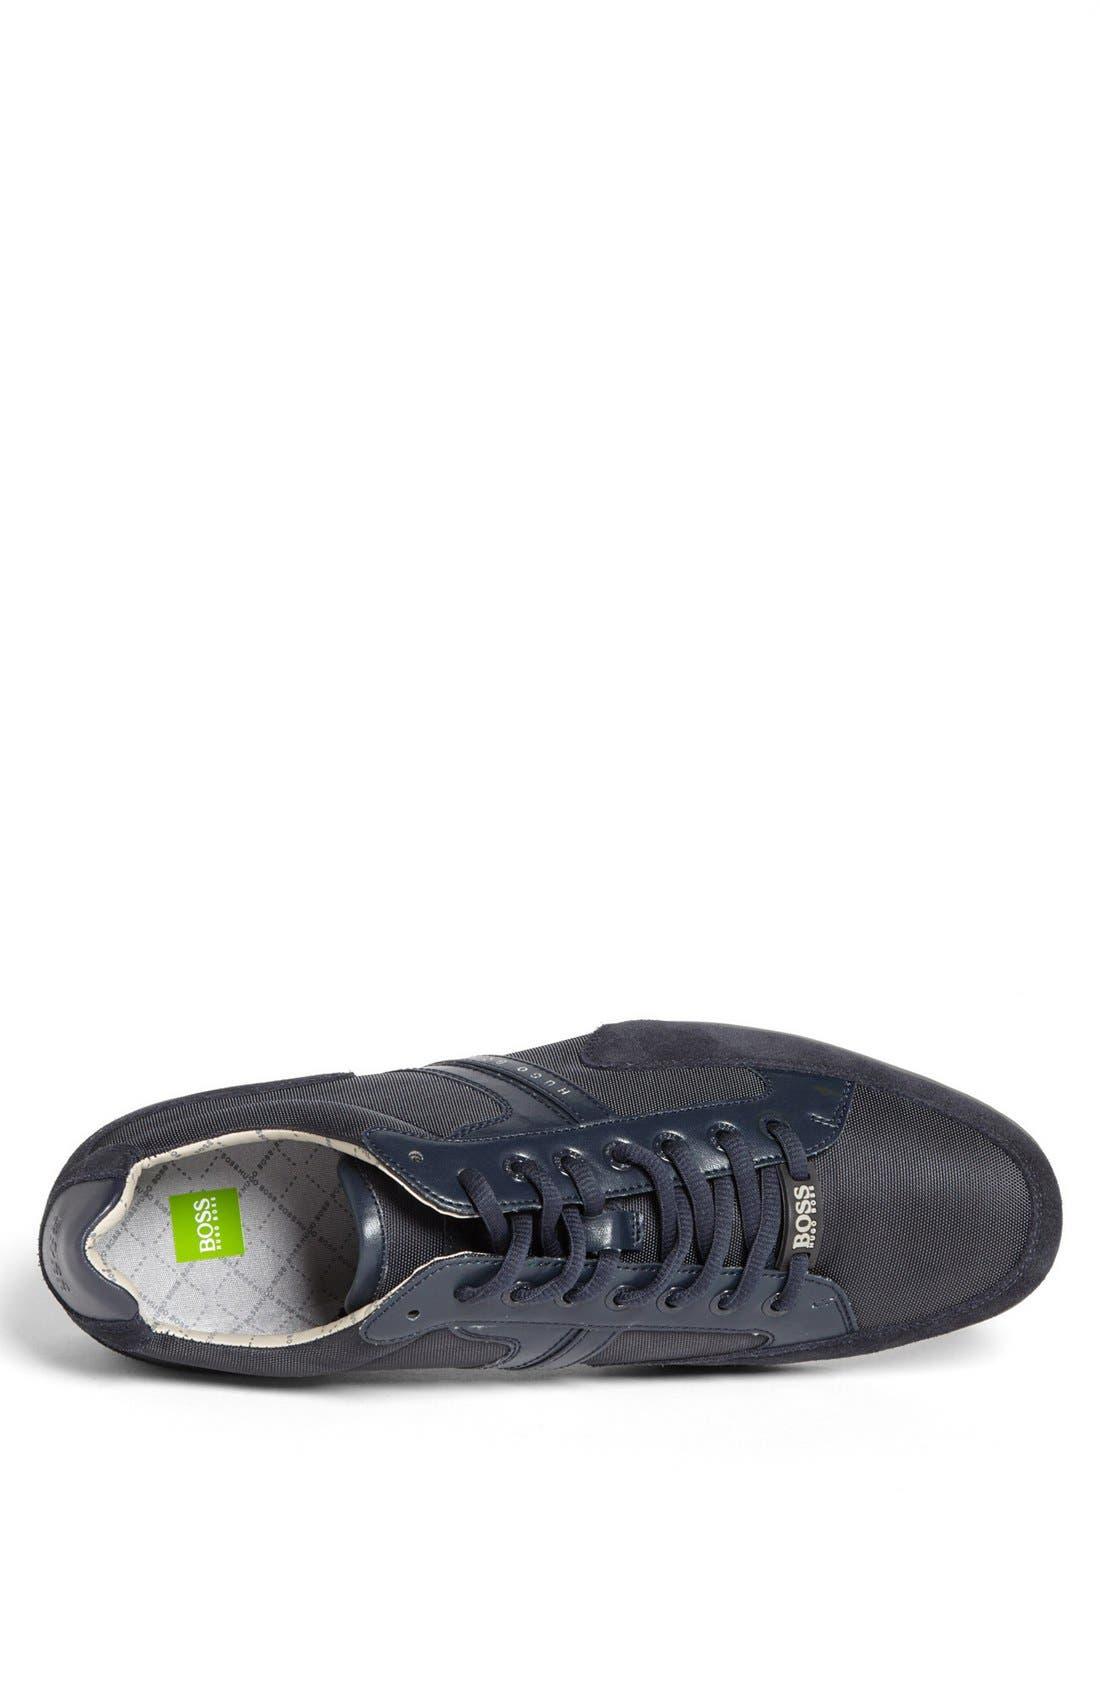 Alternate Image 3  - BOSS Green 'Spacit' Sneaker